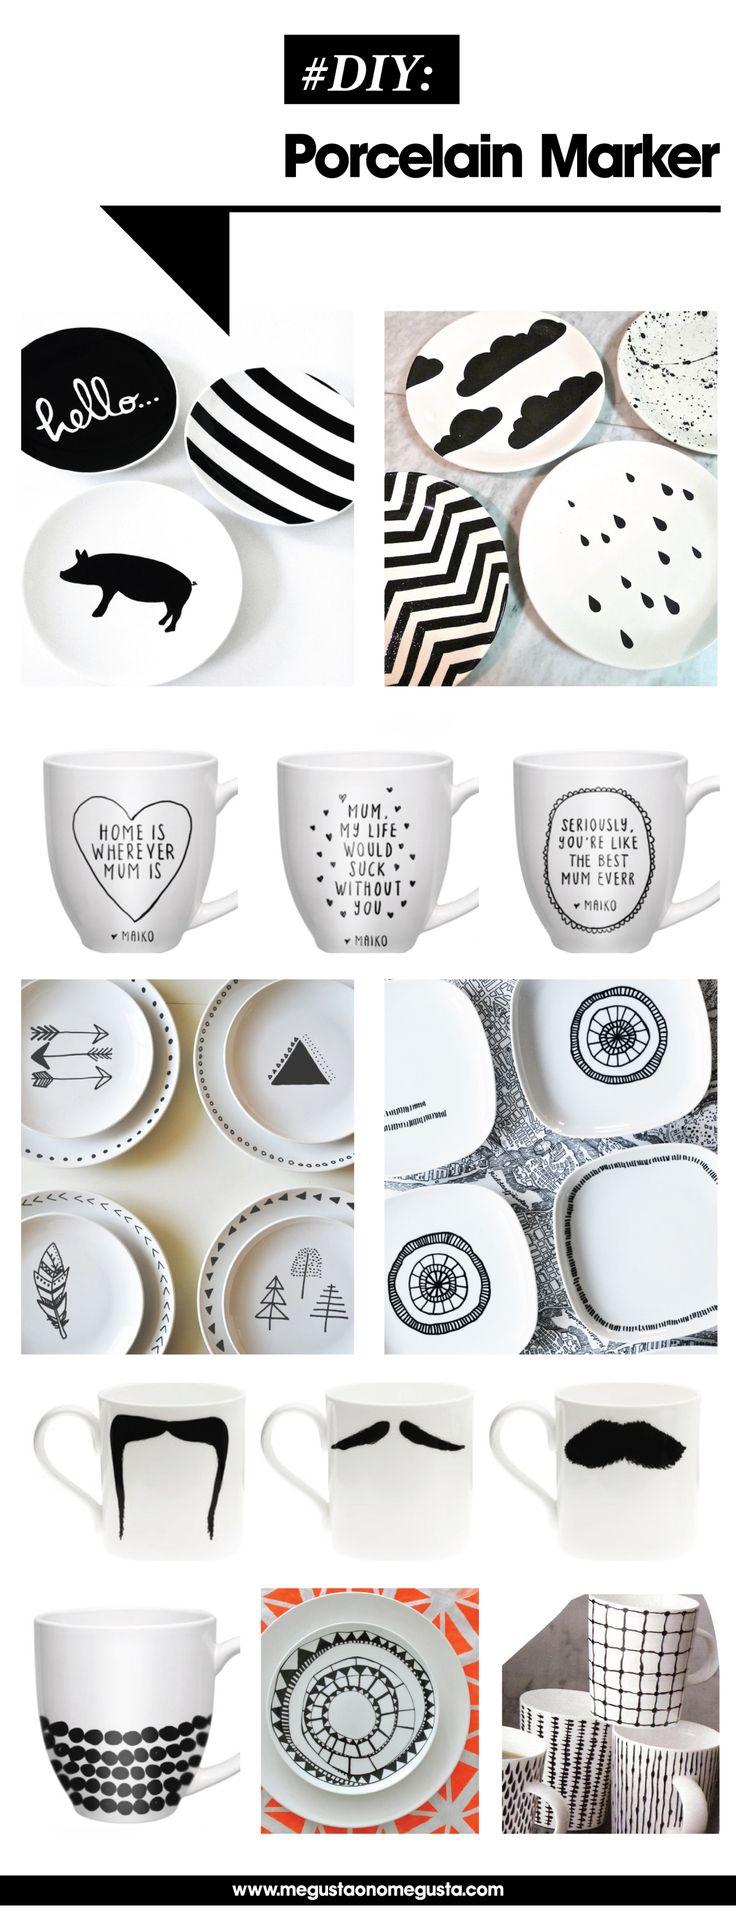 Porcelain markers for everything! DIY porcelain marker inspo - megustaonomegusta blog